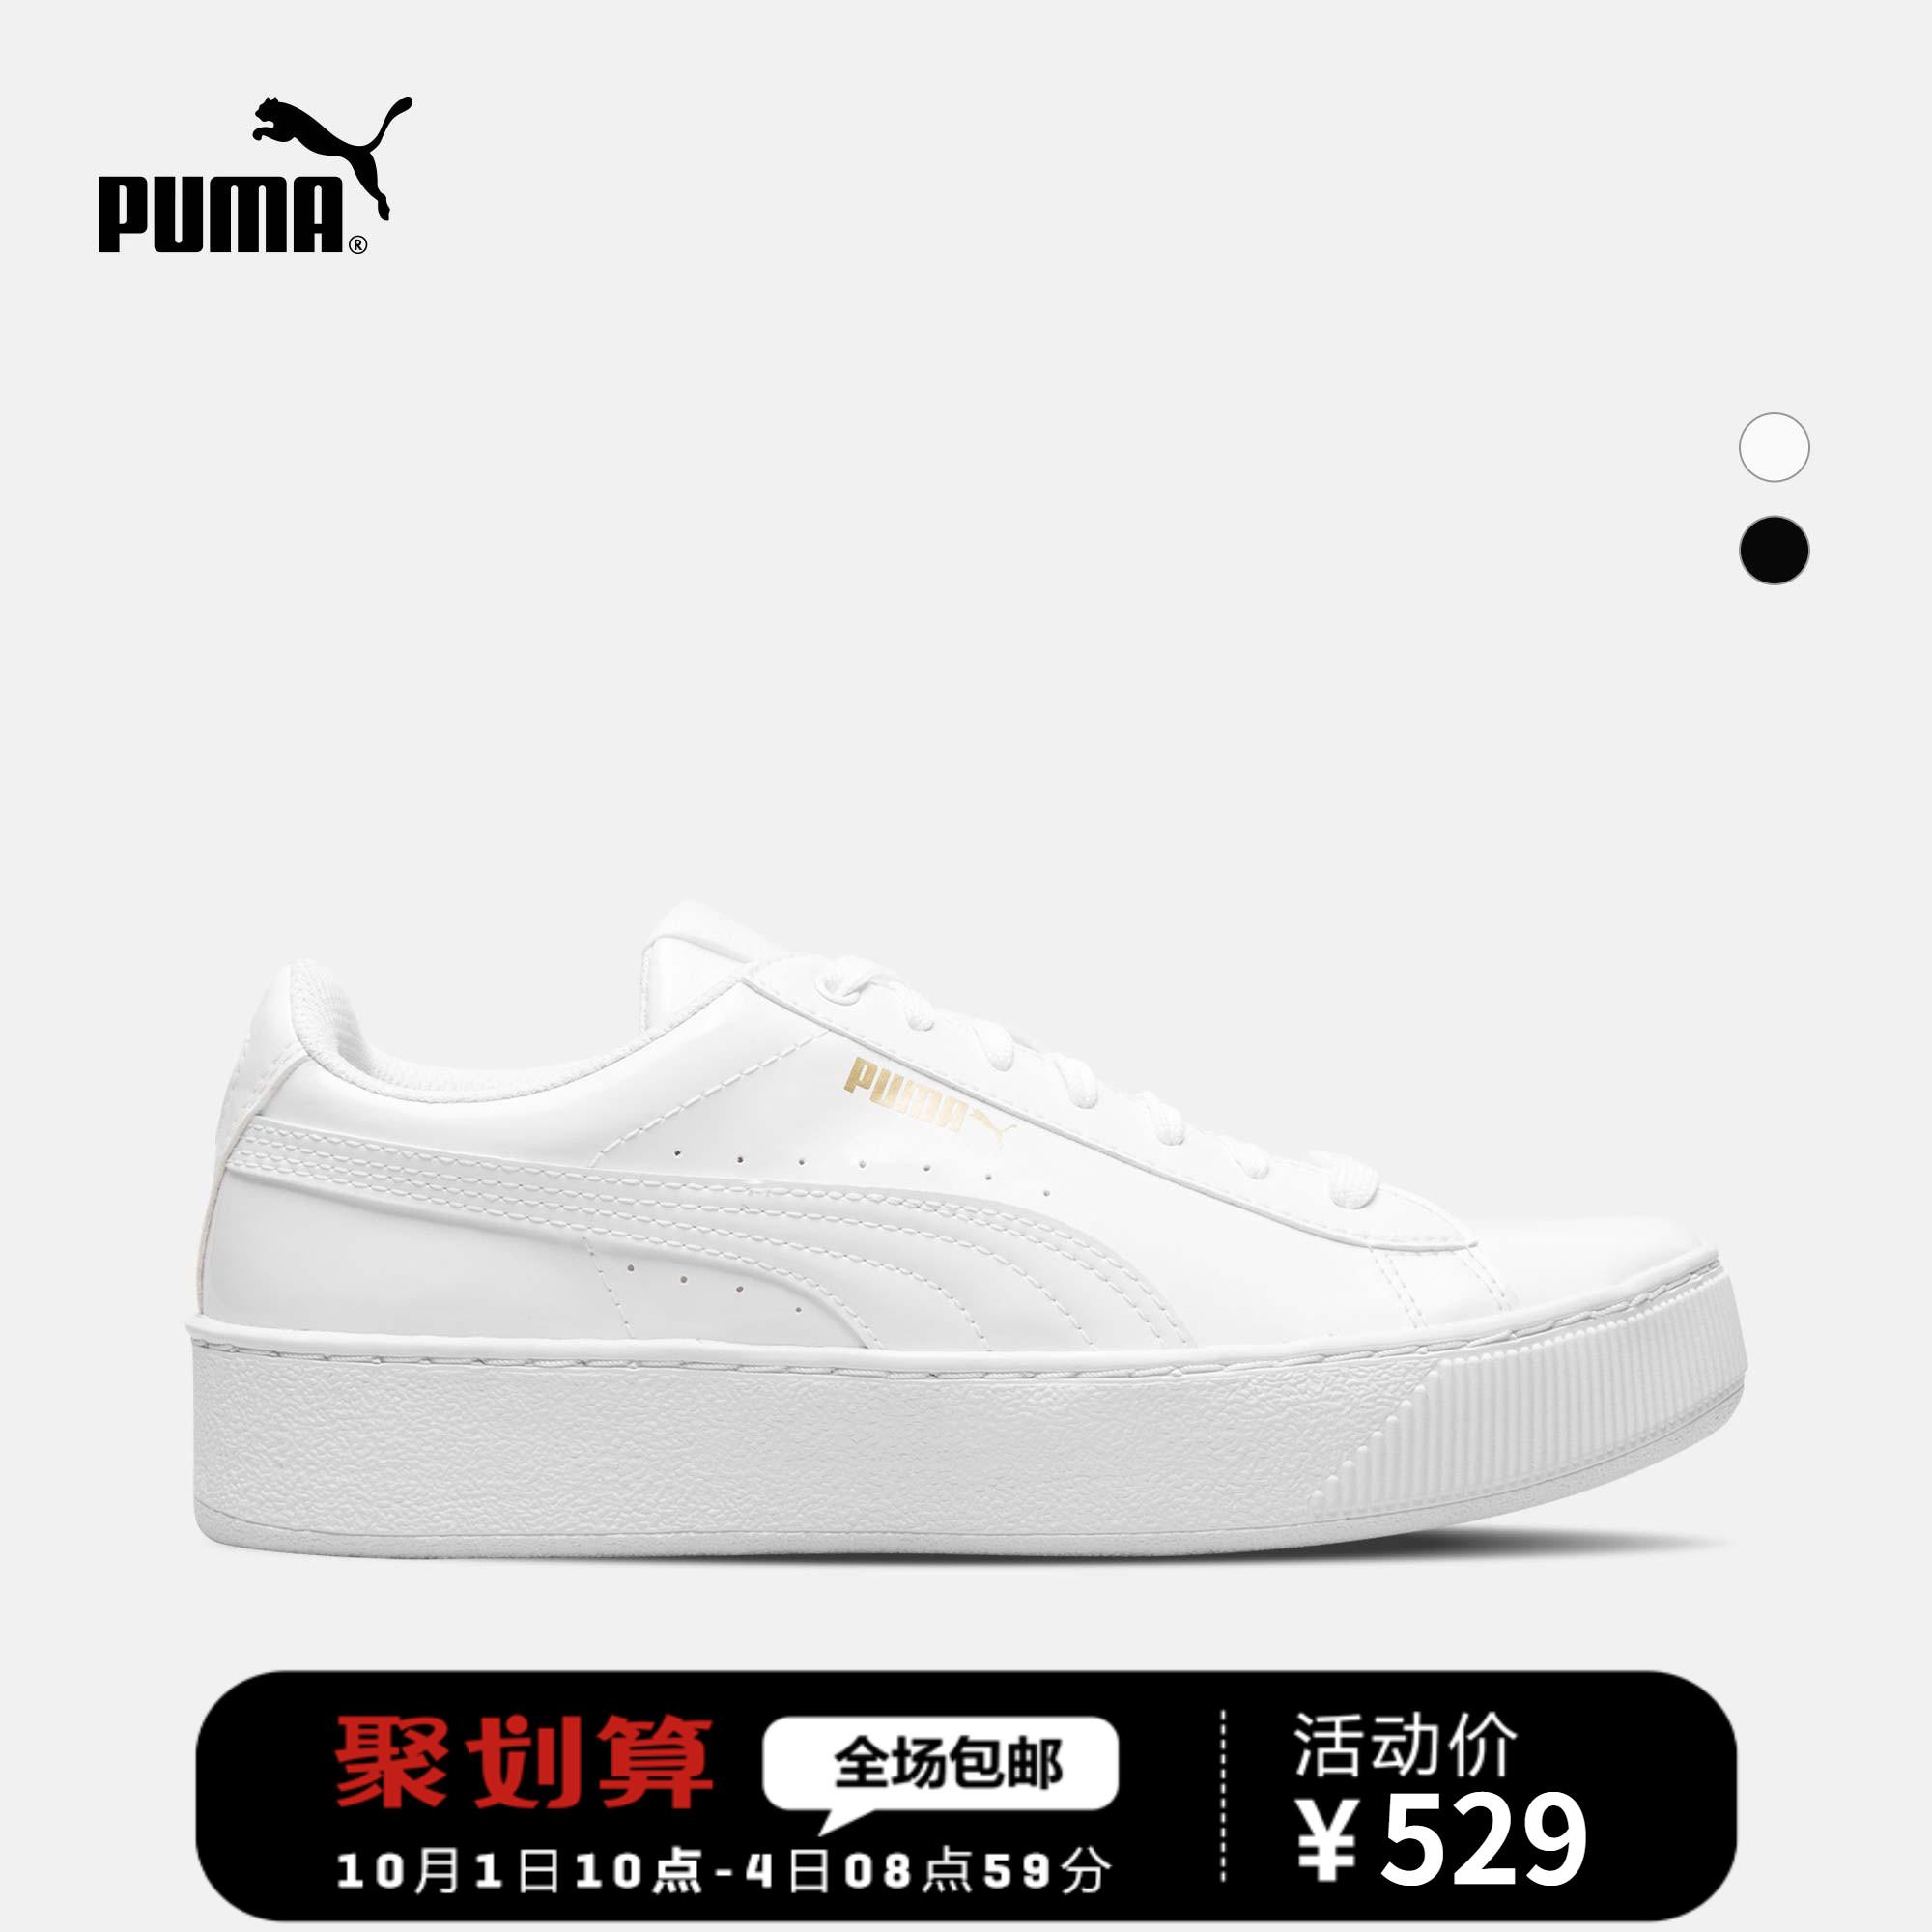 PUMA彪马官方 女子漆皮休闲鞋 Vikky Platform 364892